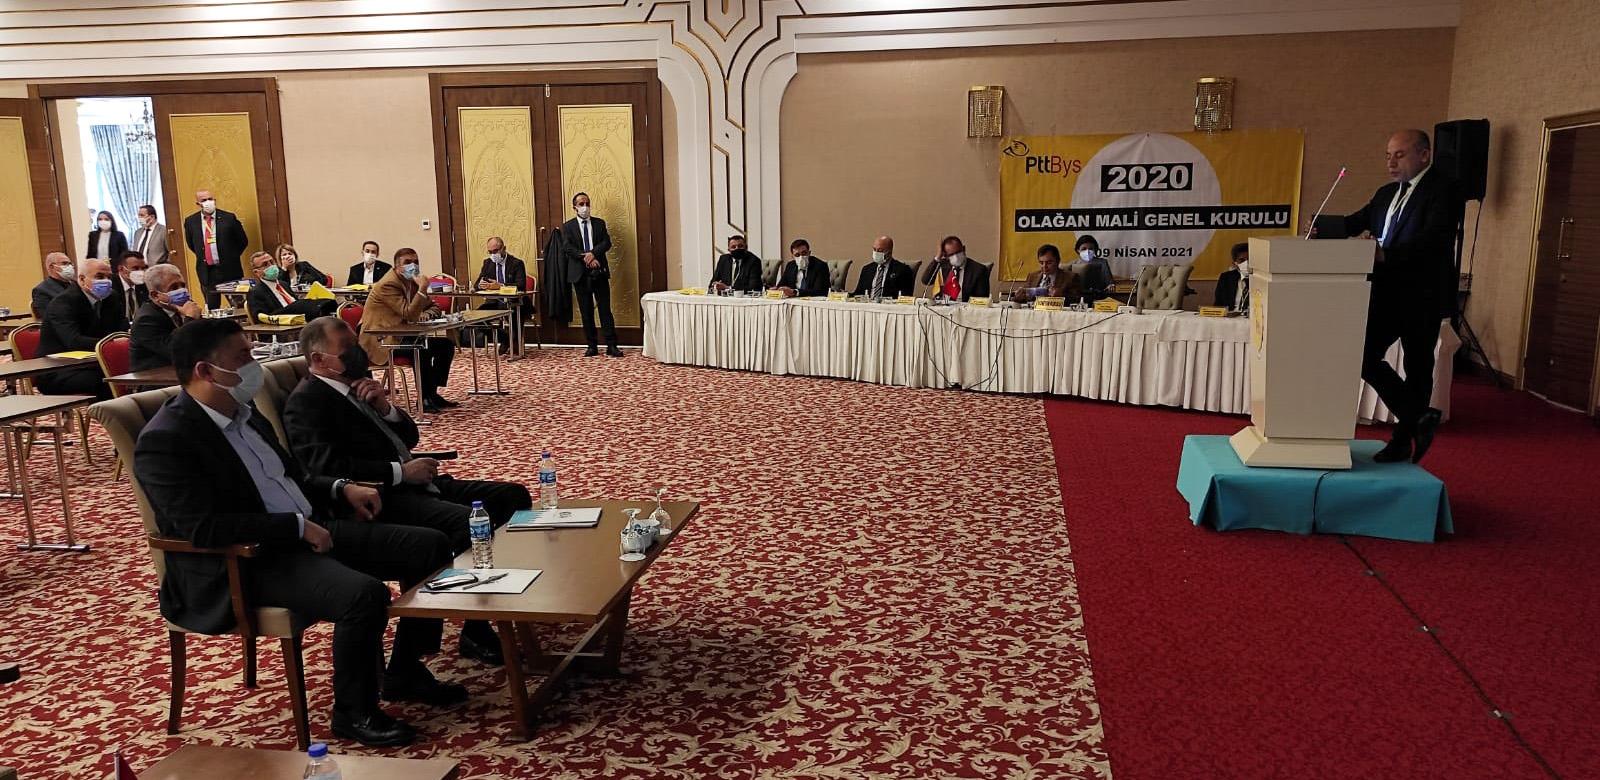 Genel Başkan Yardımcısı Akpınar BYS'nın Olağan Mali Genel Kurul Toplantısı'na Katıldı